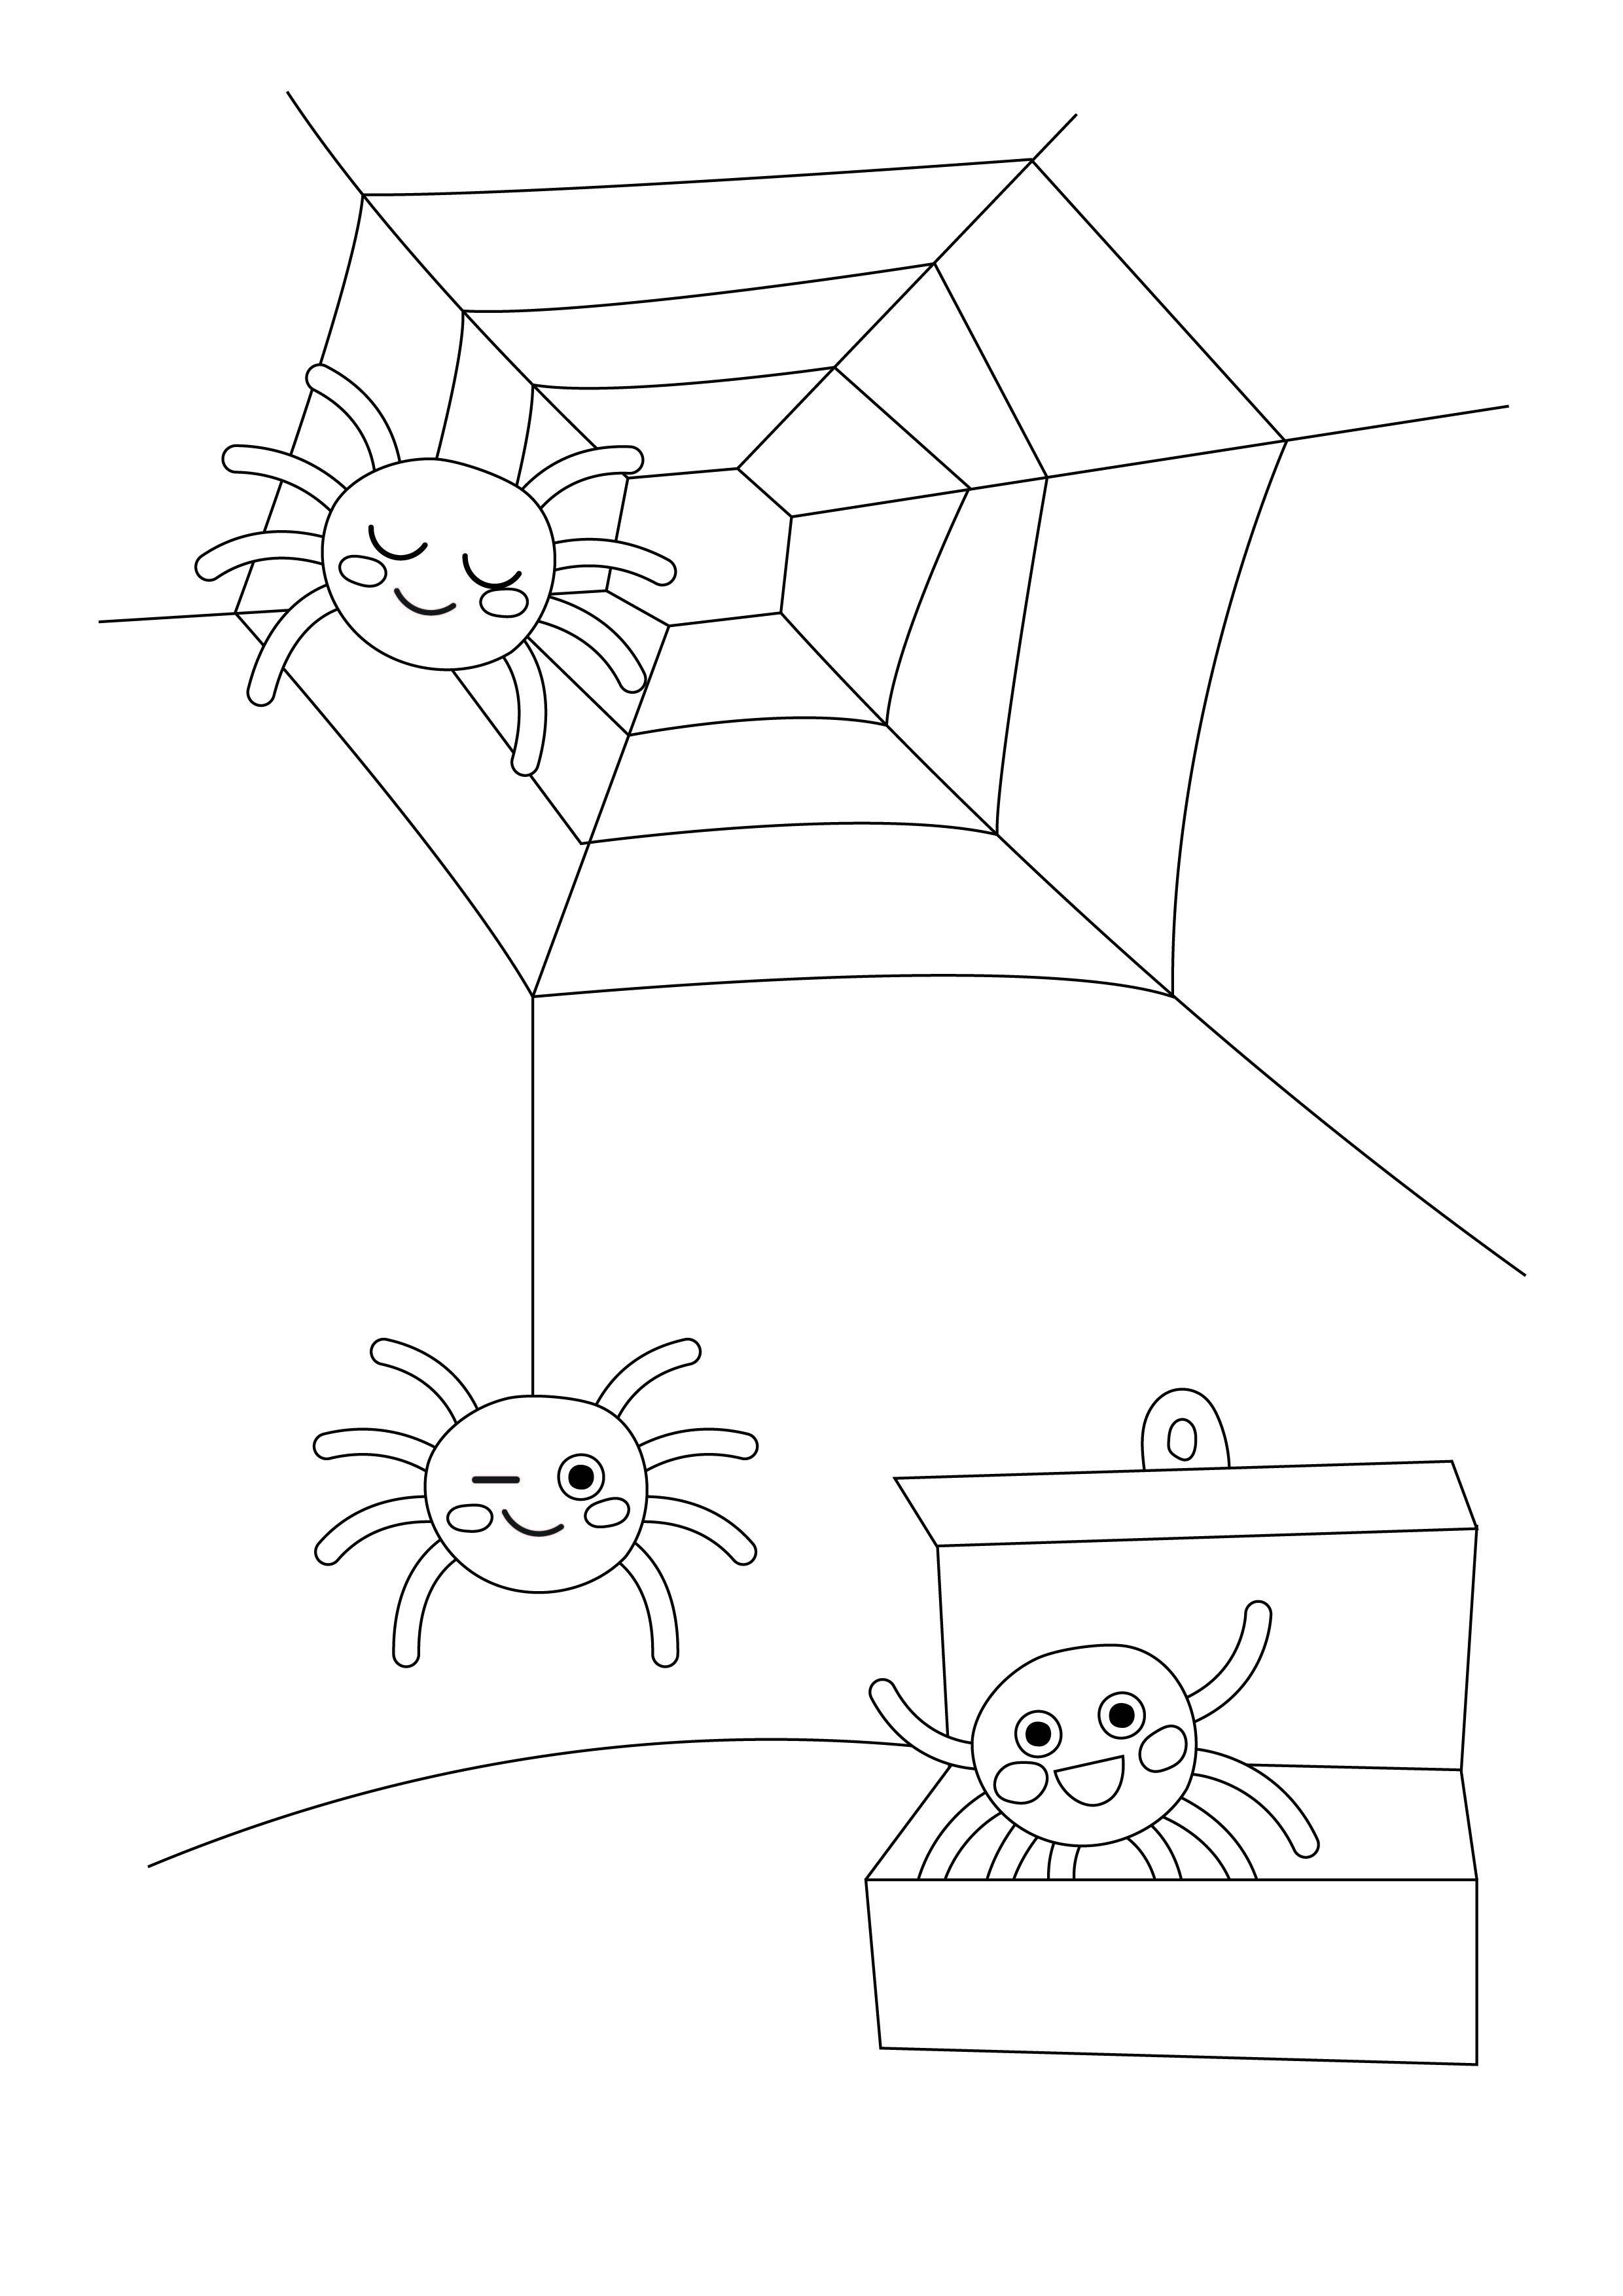 Värityskuva | free printable pattern | lasten | lapset | joulu | idea | askartelu | kädentaidot | käsityöt | tulostettava | kuva | paperi | värittäminen | väritys | värittää | hämähäkki | koti | leikki | DIY | ideas | kids | children | crafts | paper | picture | coloring | spider | christmas | home | Pikku Kakkonen